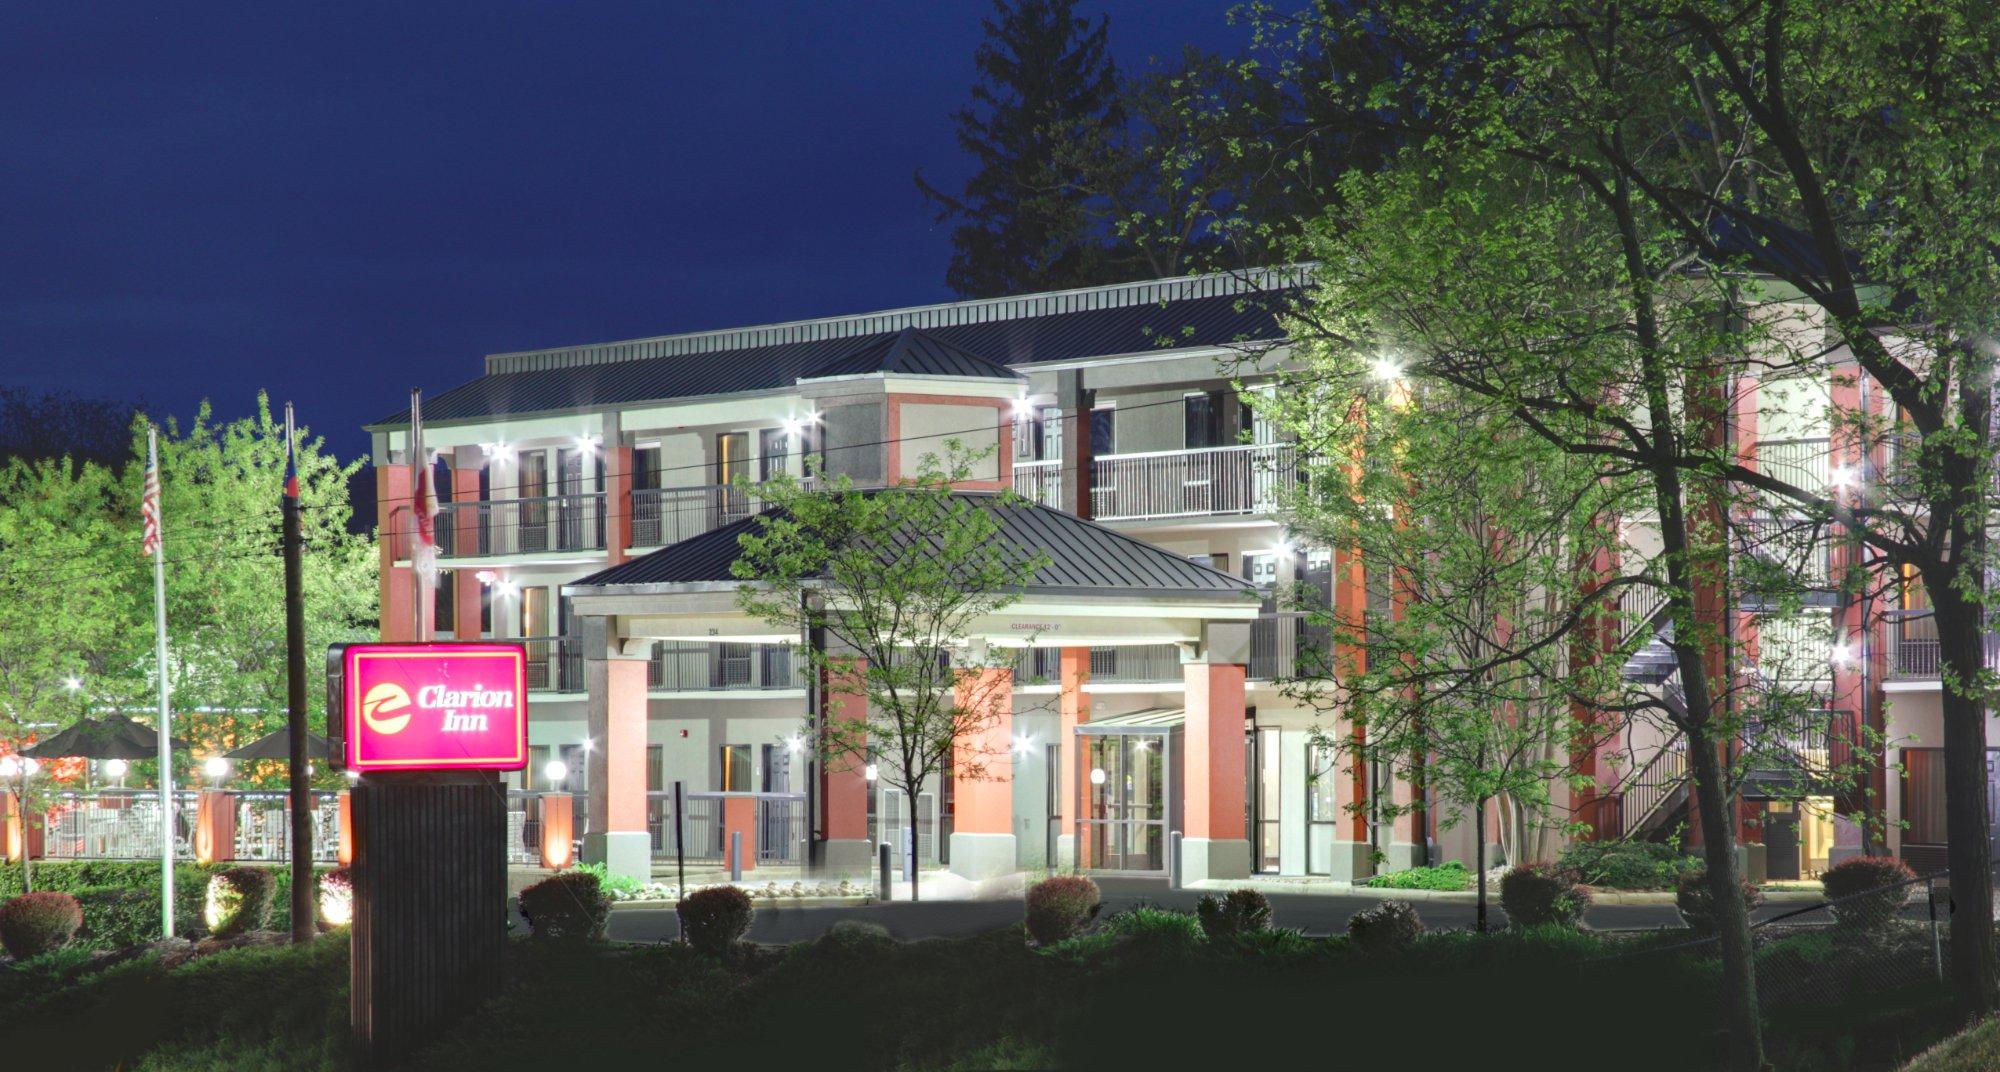 Clarion Inn Biltmore Village